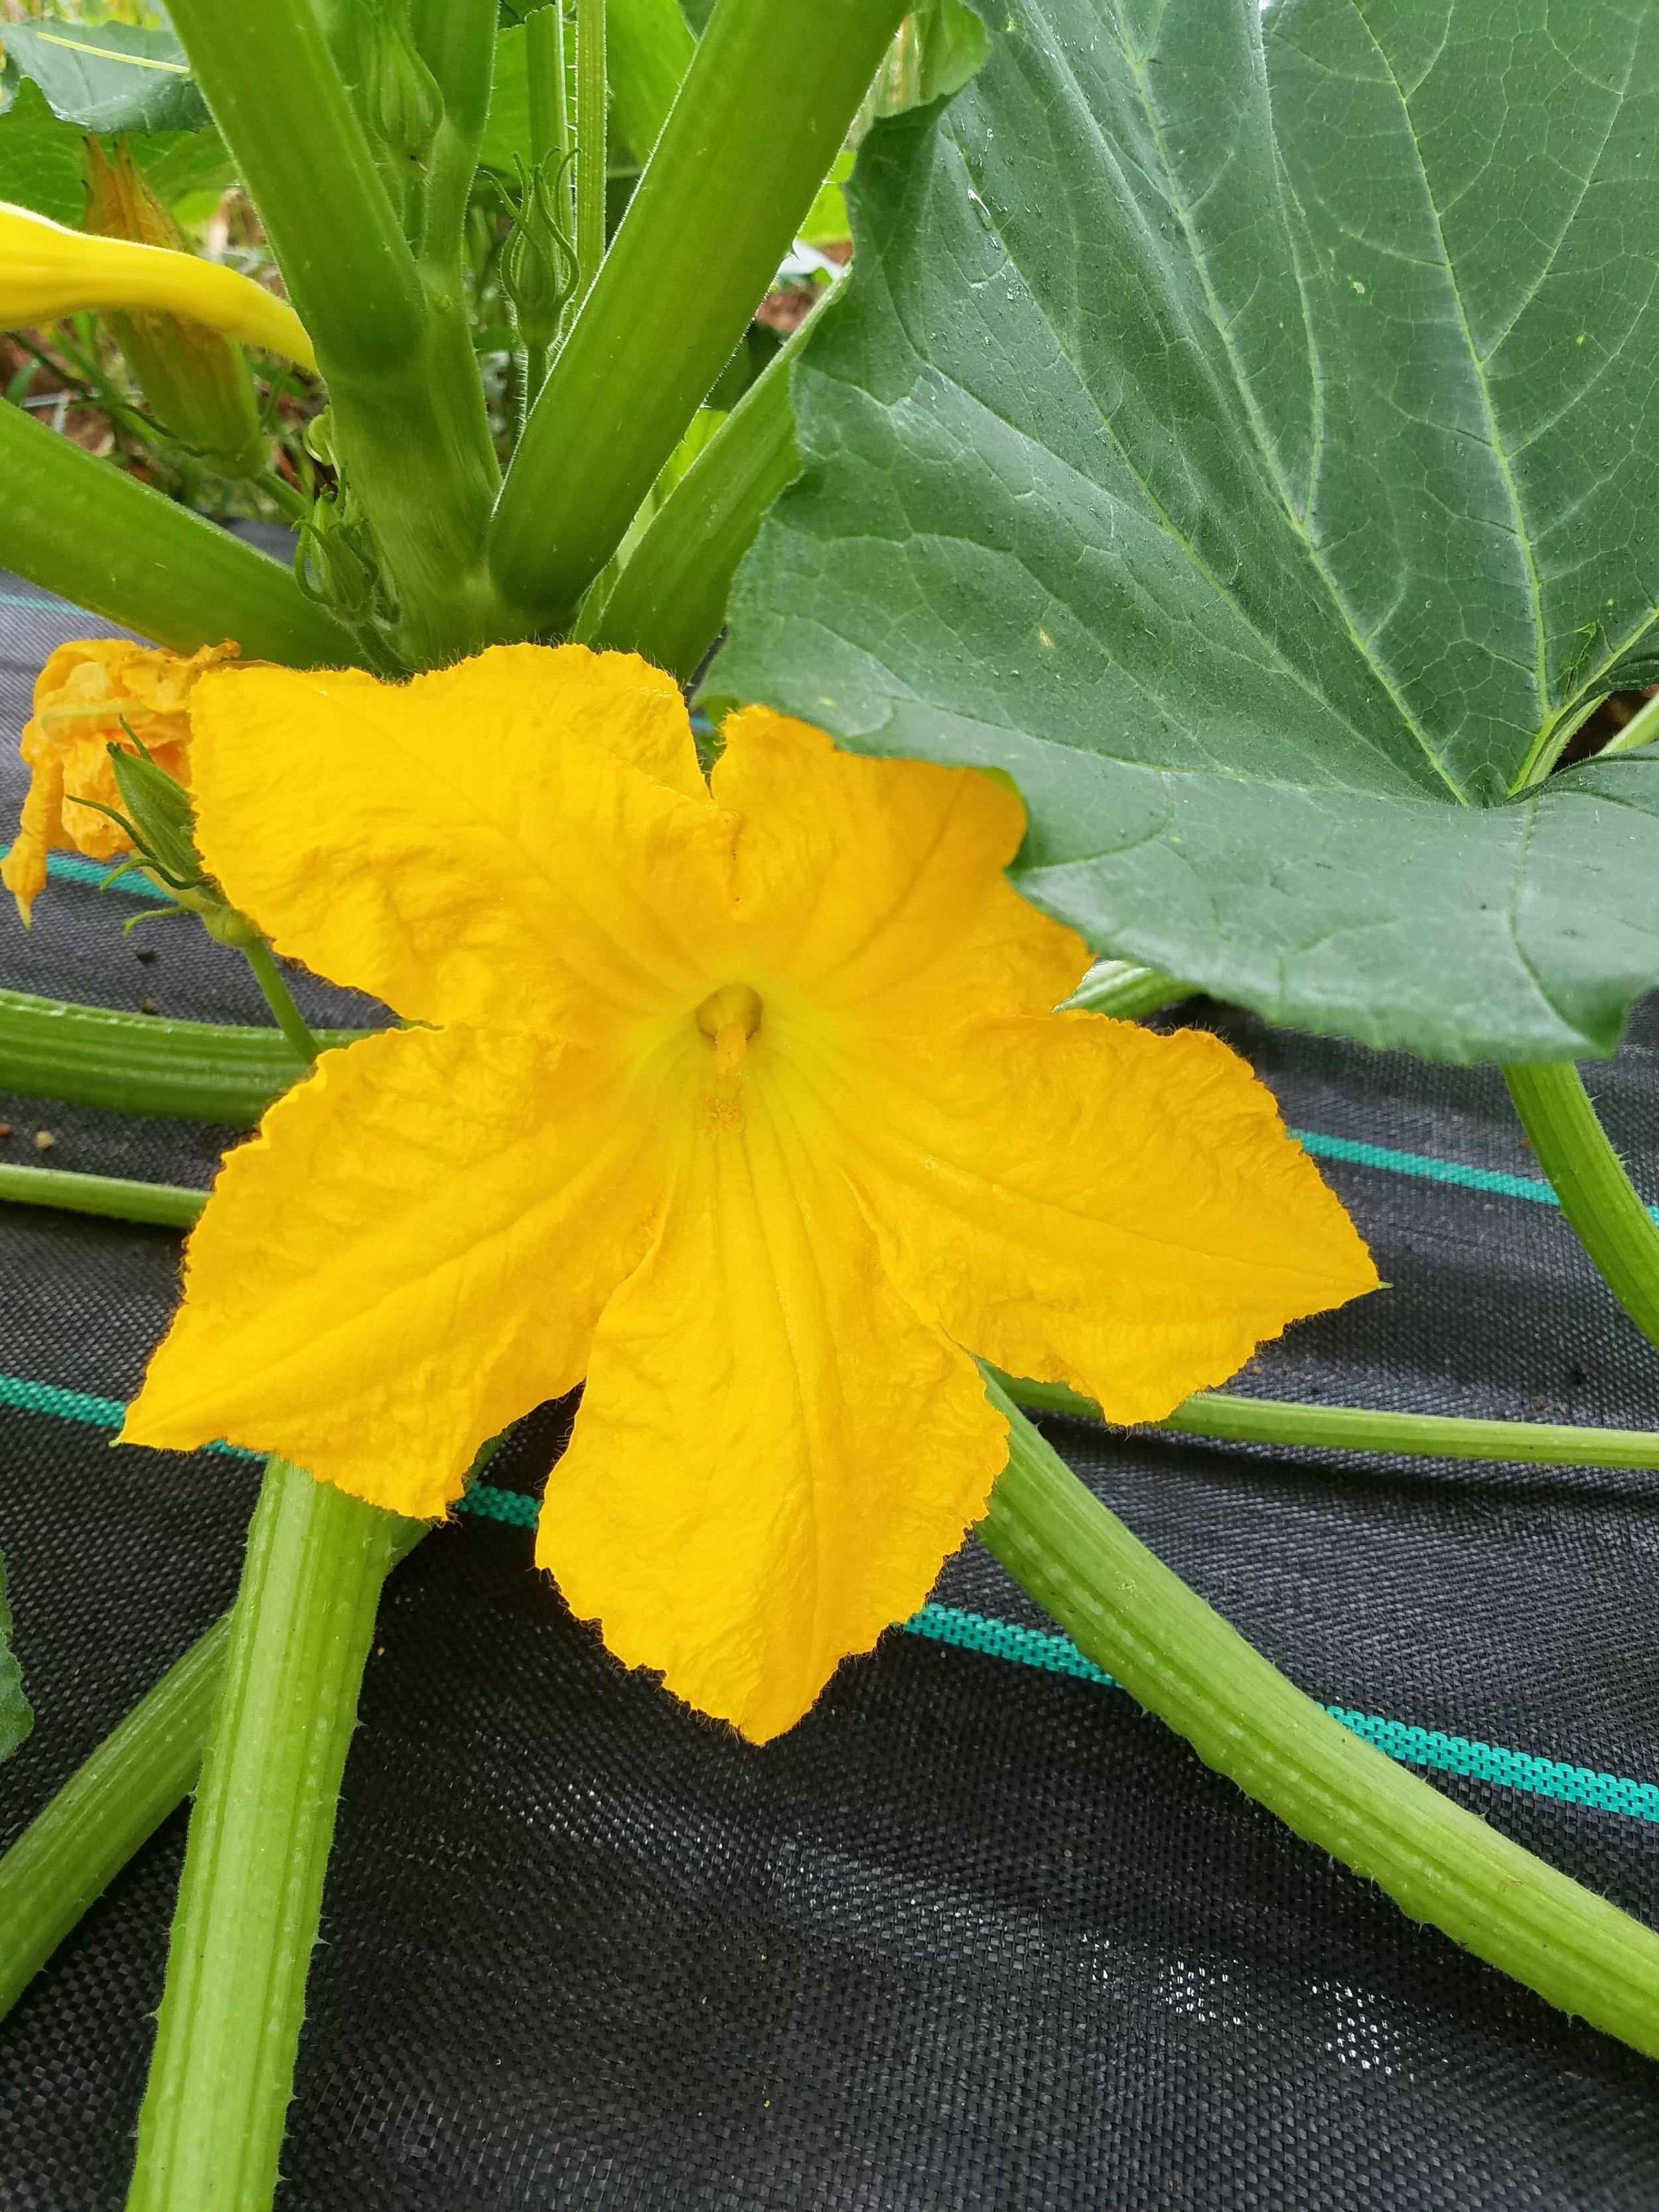 Squash Blossom.jpg